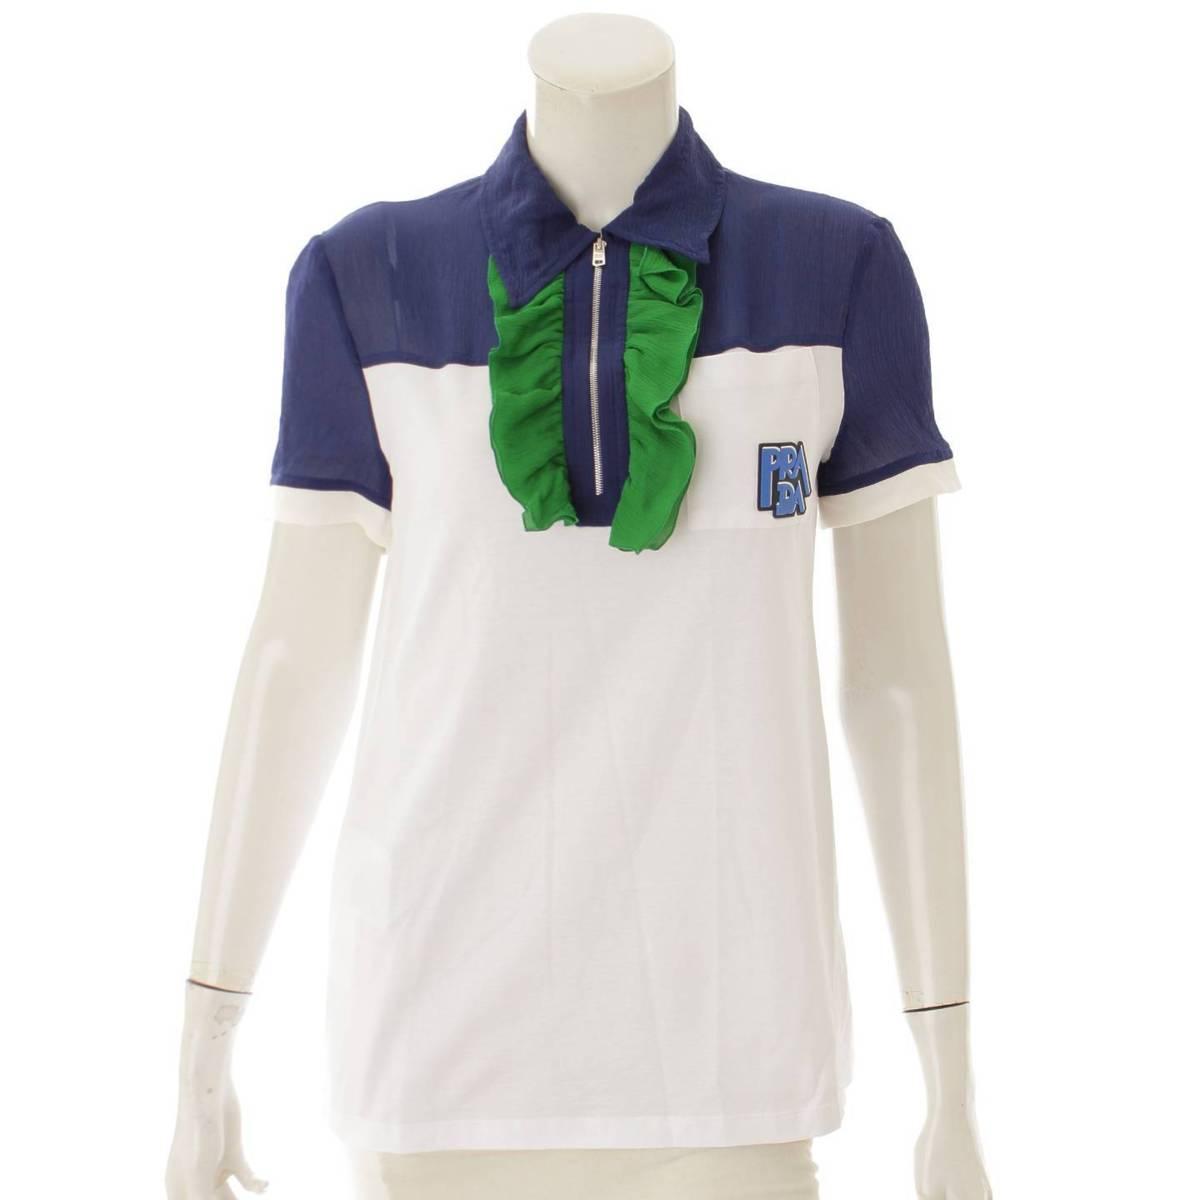 【プラダ】Prada 18年 シルク フロントジップ フリル ブラウス ポロシャツ ホワイト×ブルー×グリーン XS 【中古】【鑑定済・正規品保証】87862